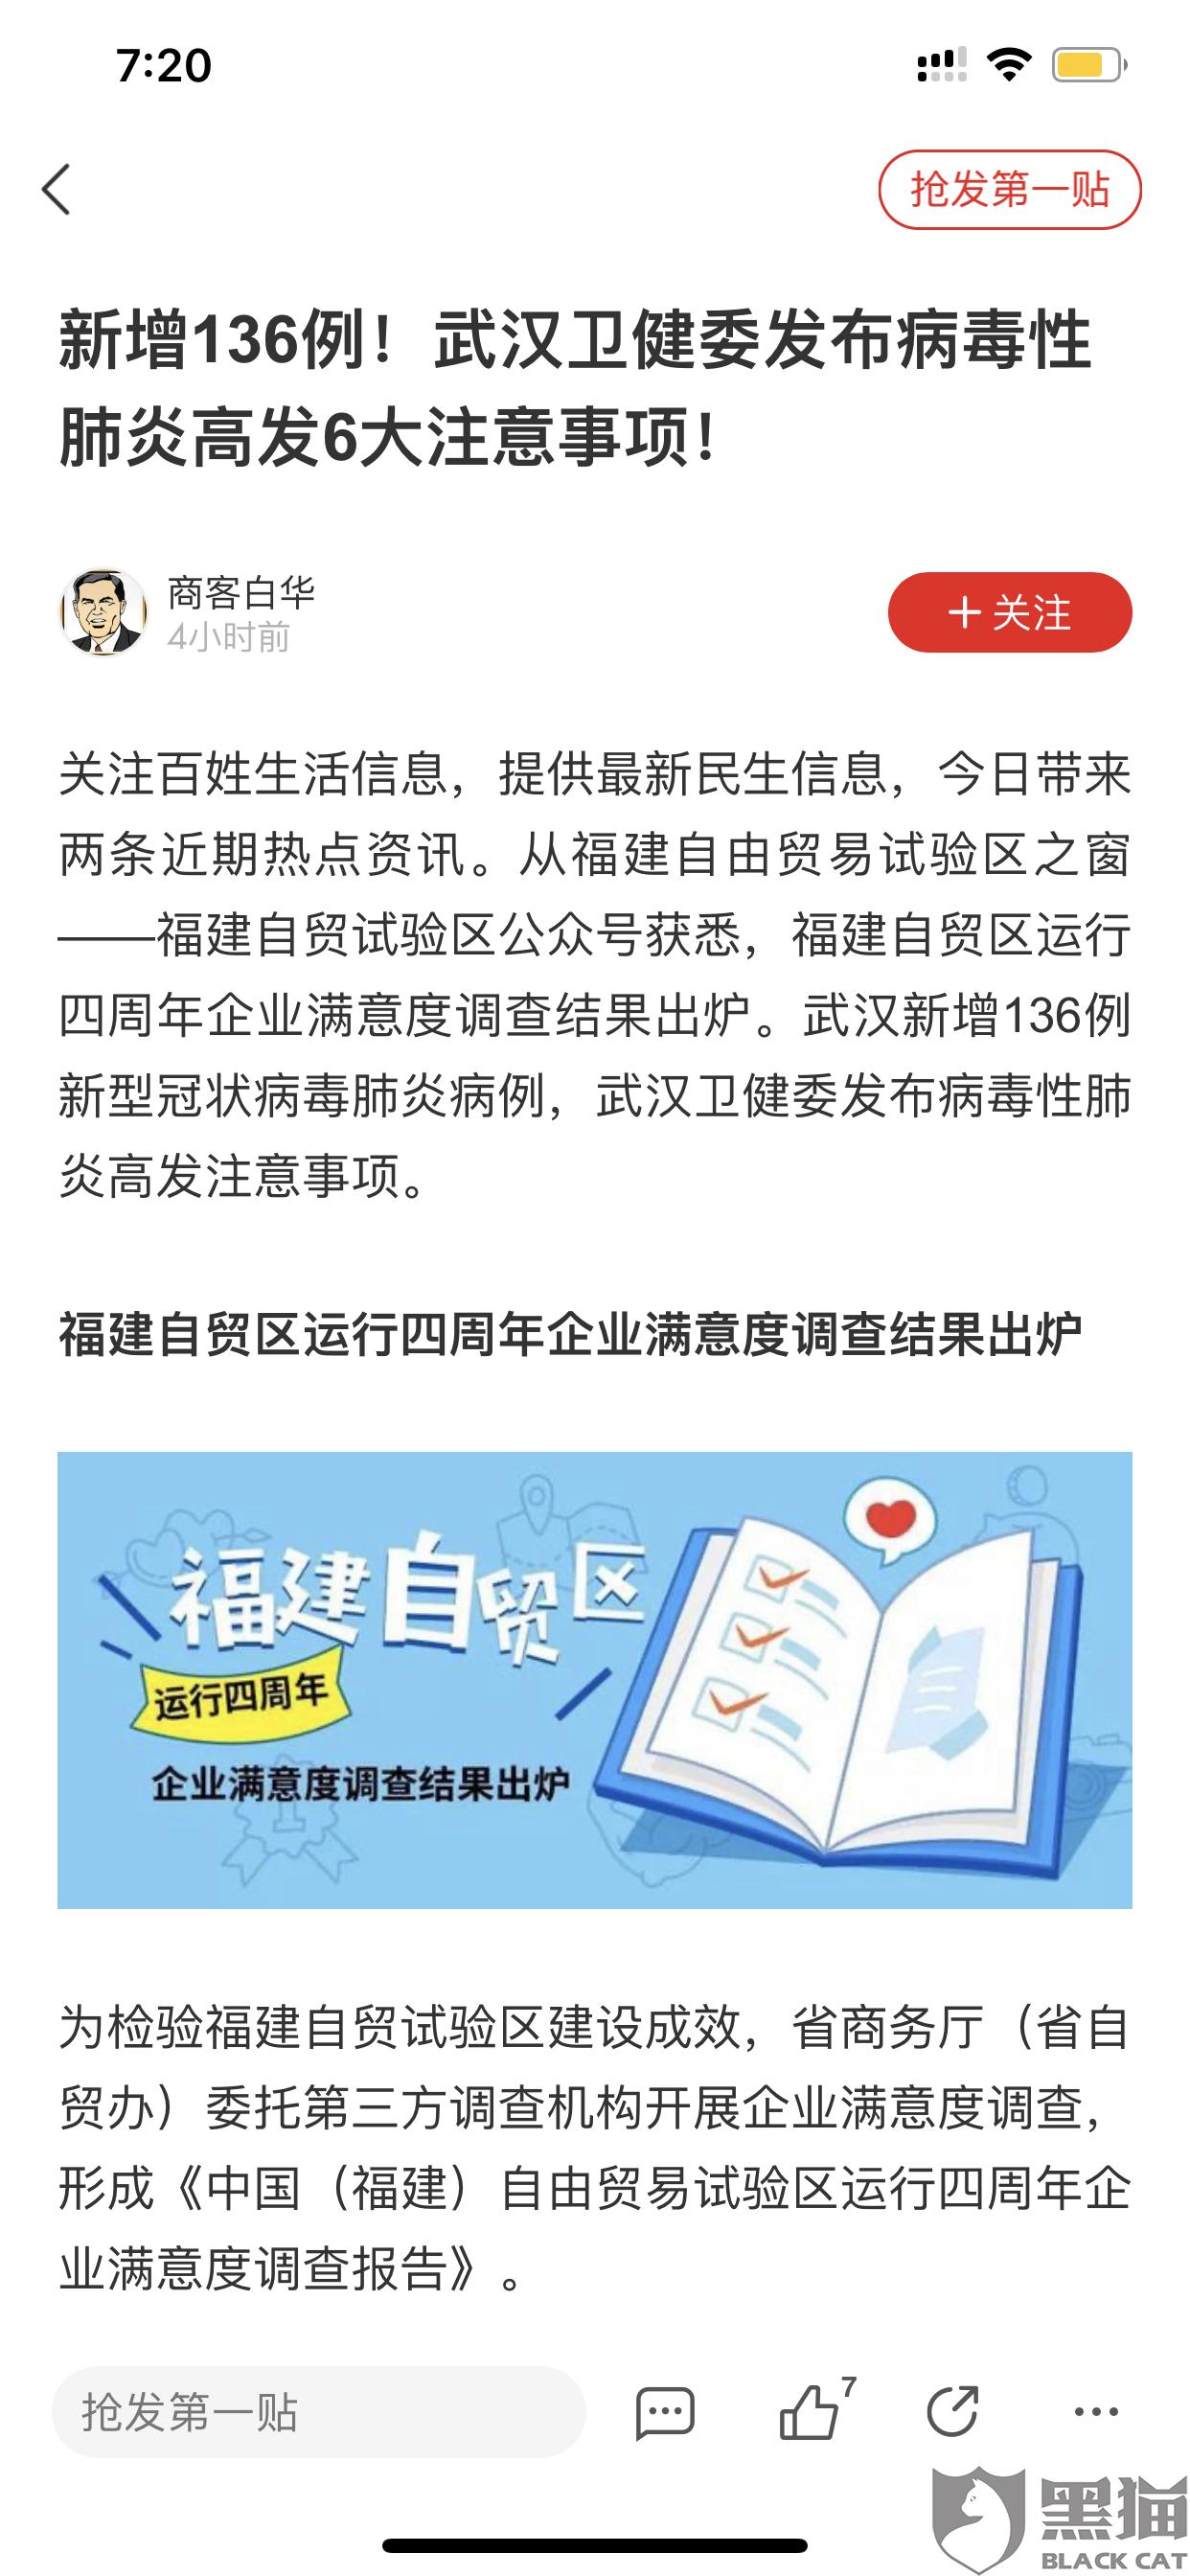 黑猫投诉:武汉发生危机疫情 影响生命安全和健康!要求全额退款